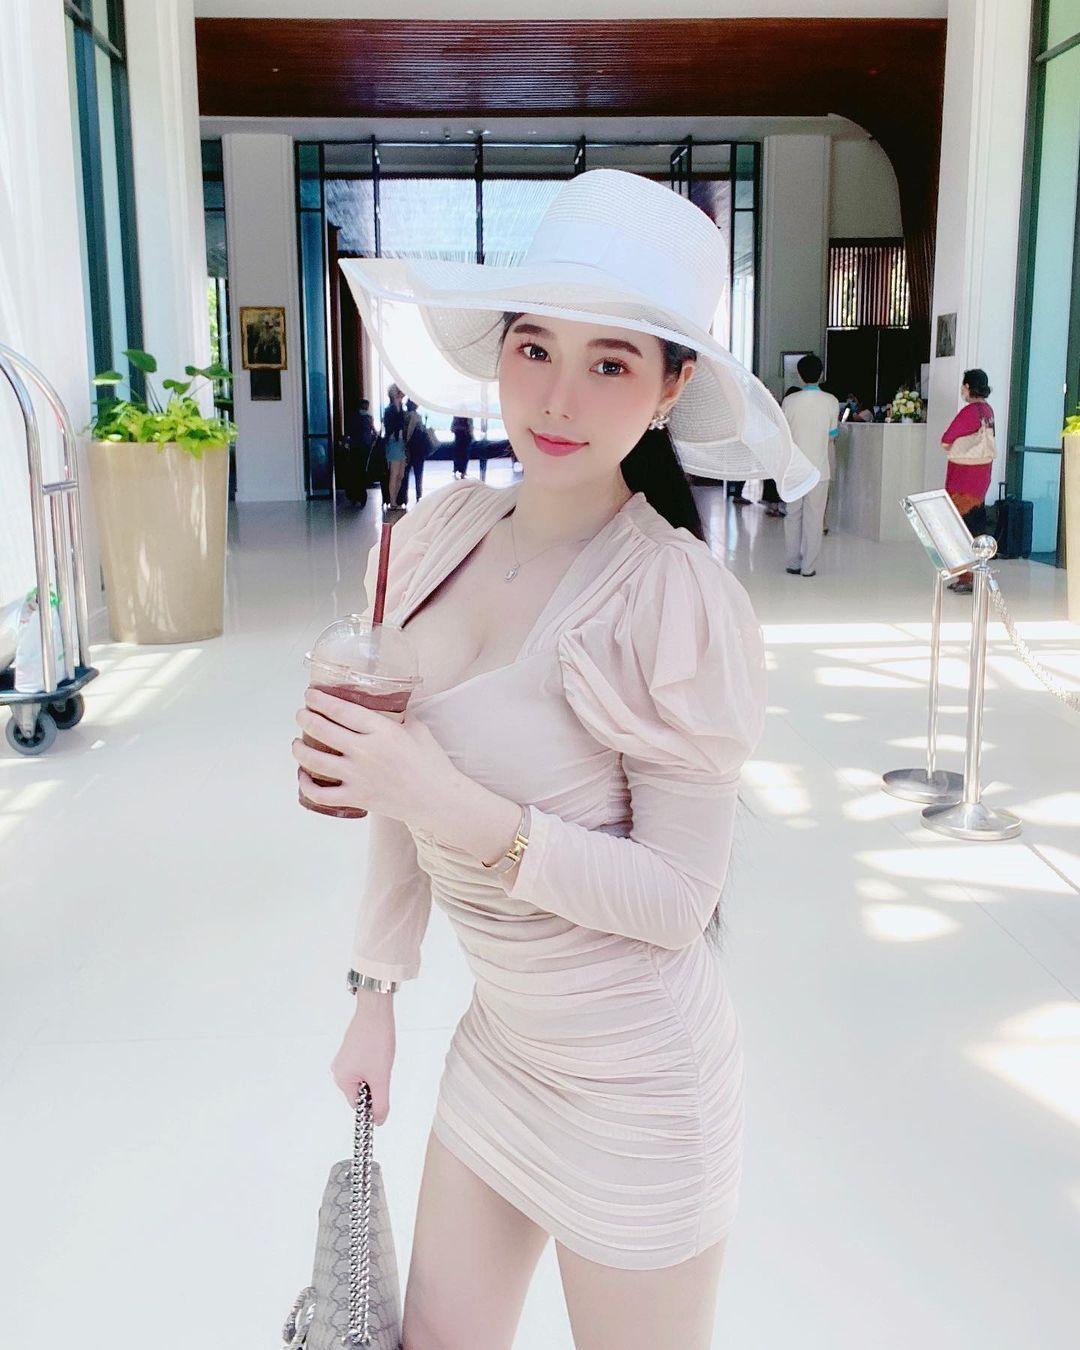 泰式奶茶喝起来!泰国女模《kanyanat》蒙蔽了我的双眼!-新图包